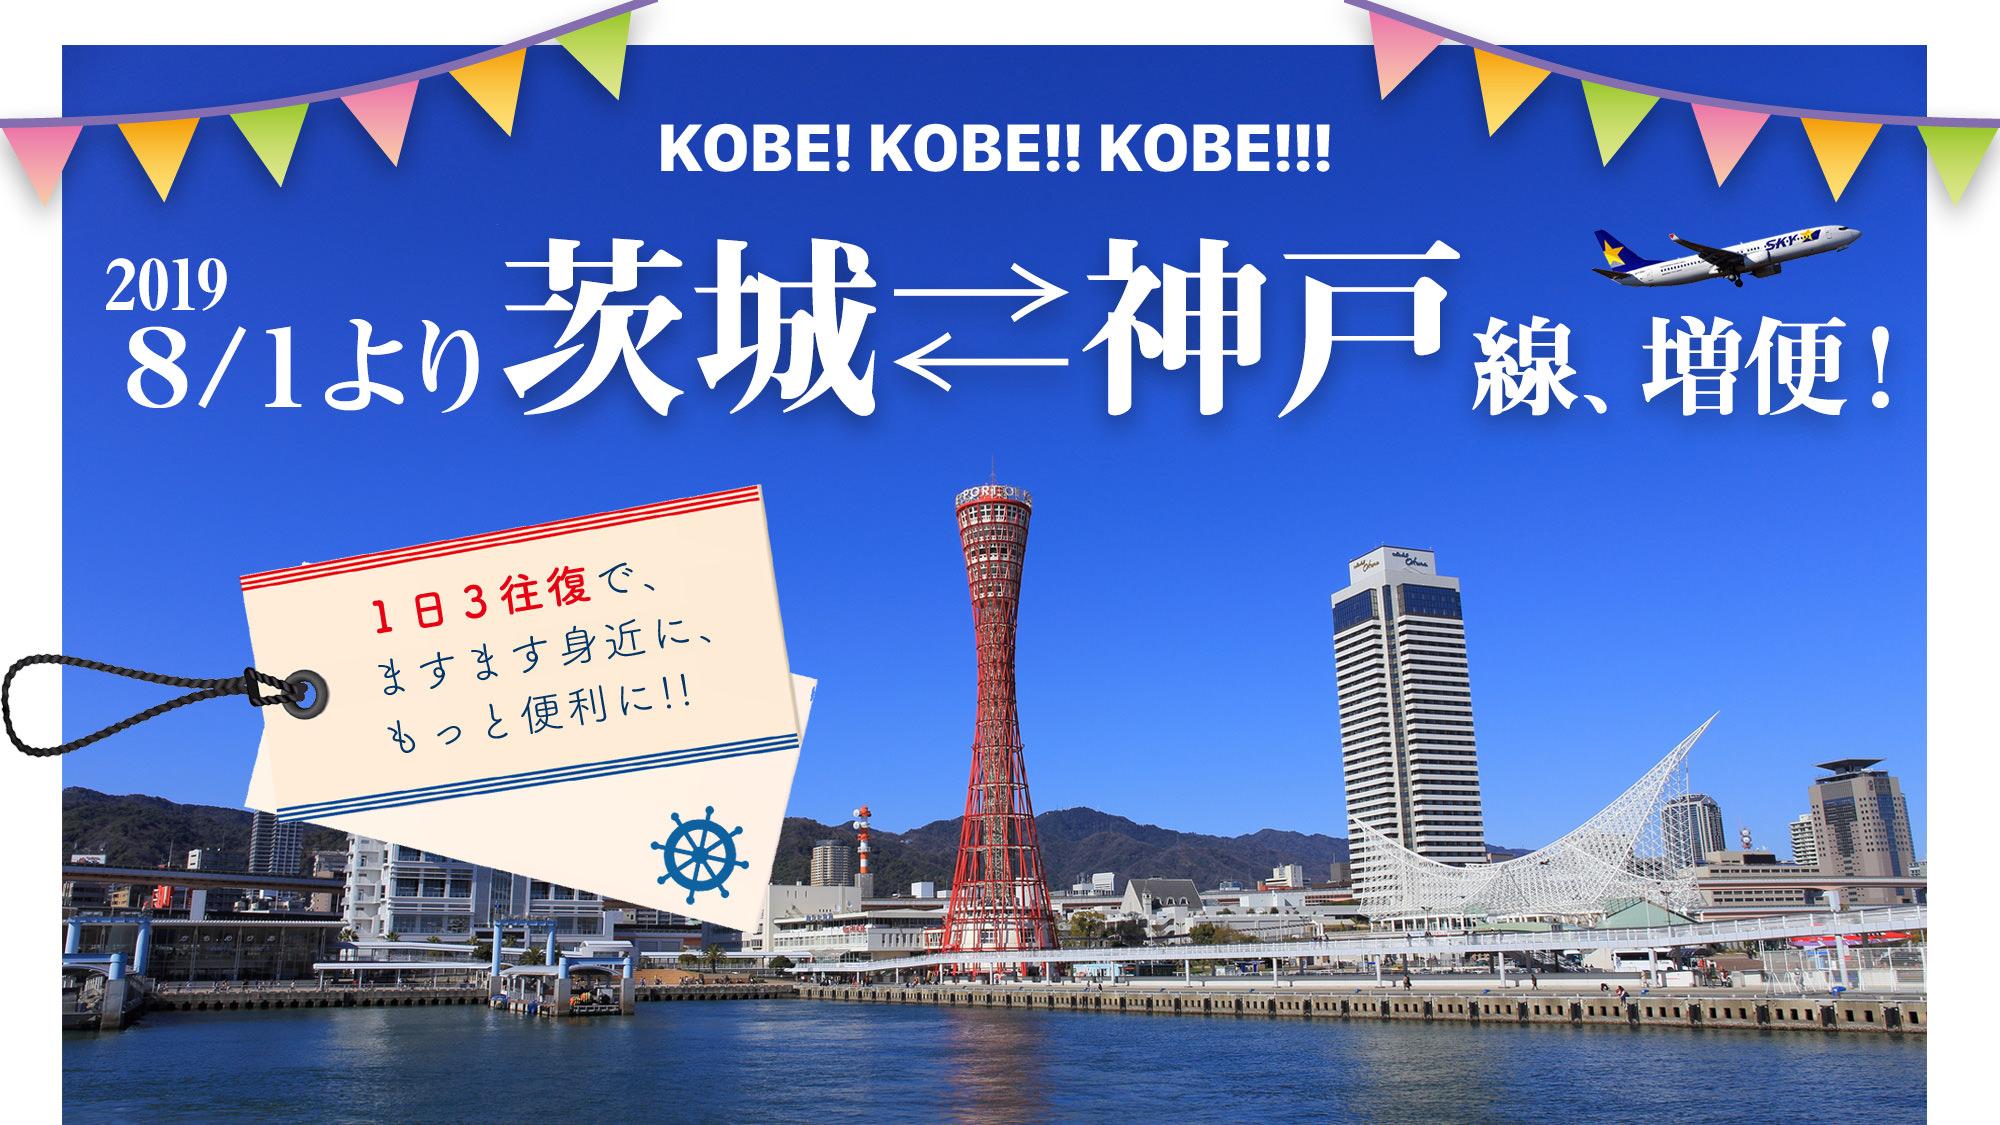 ここ から 神戸 空港